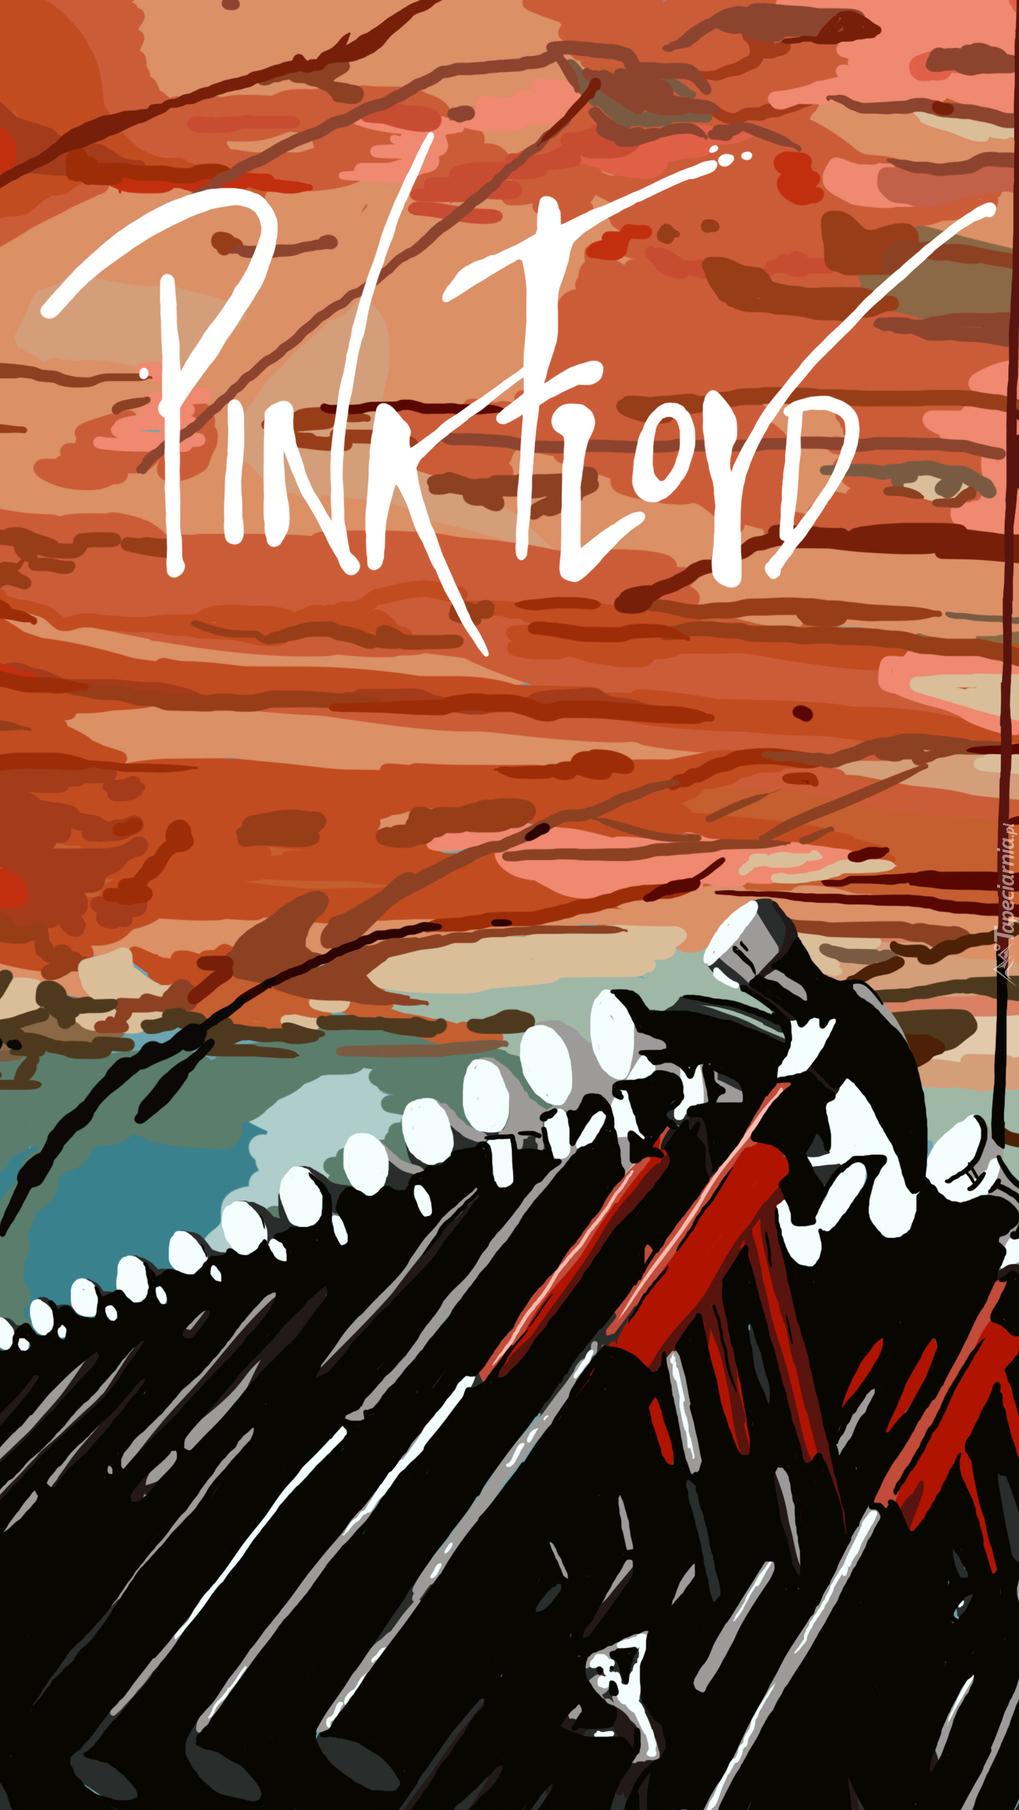 Plakat Pink Floyd